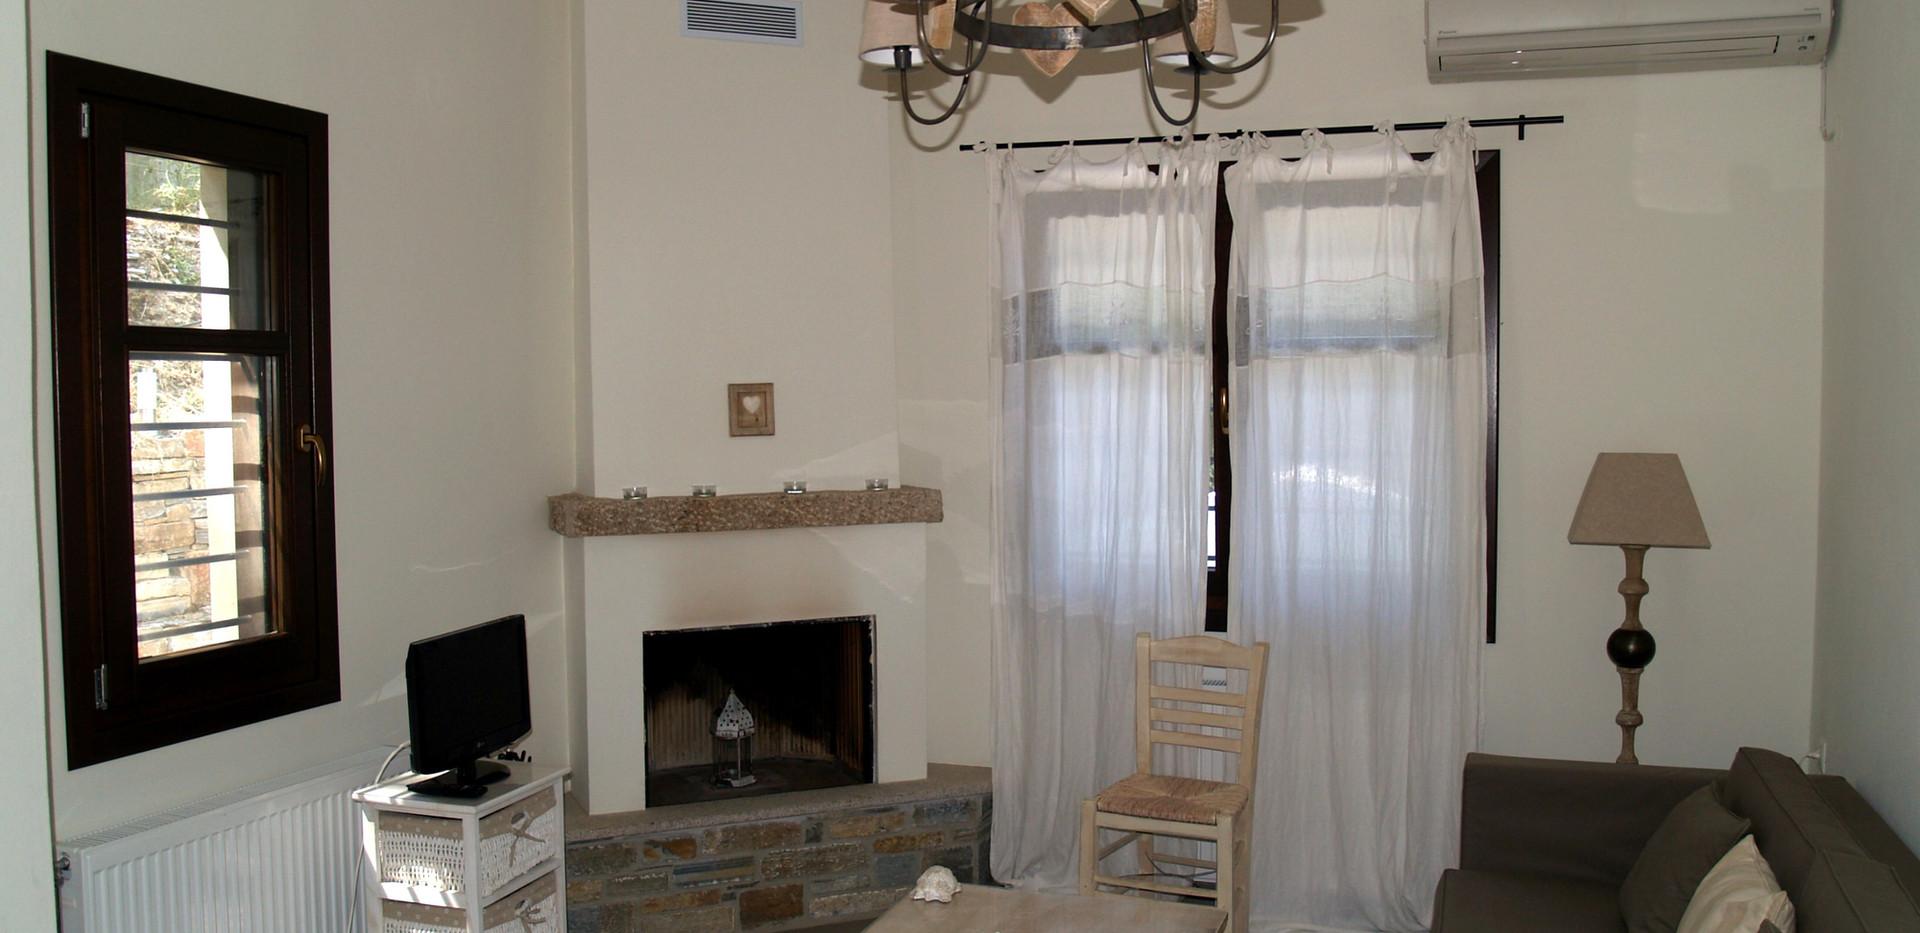 Polyxeni livingroom 2.jpg